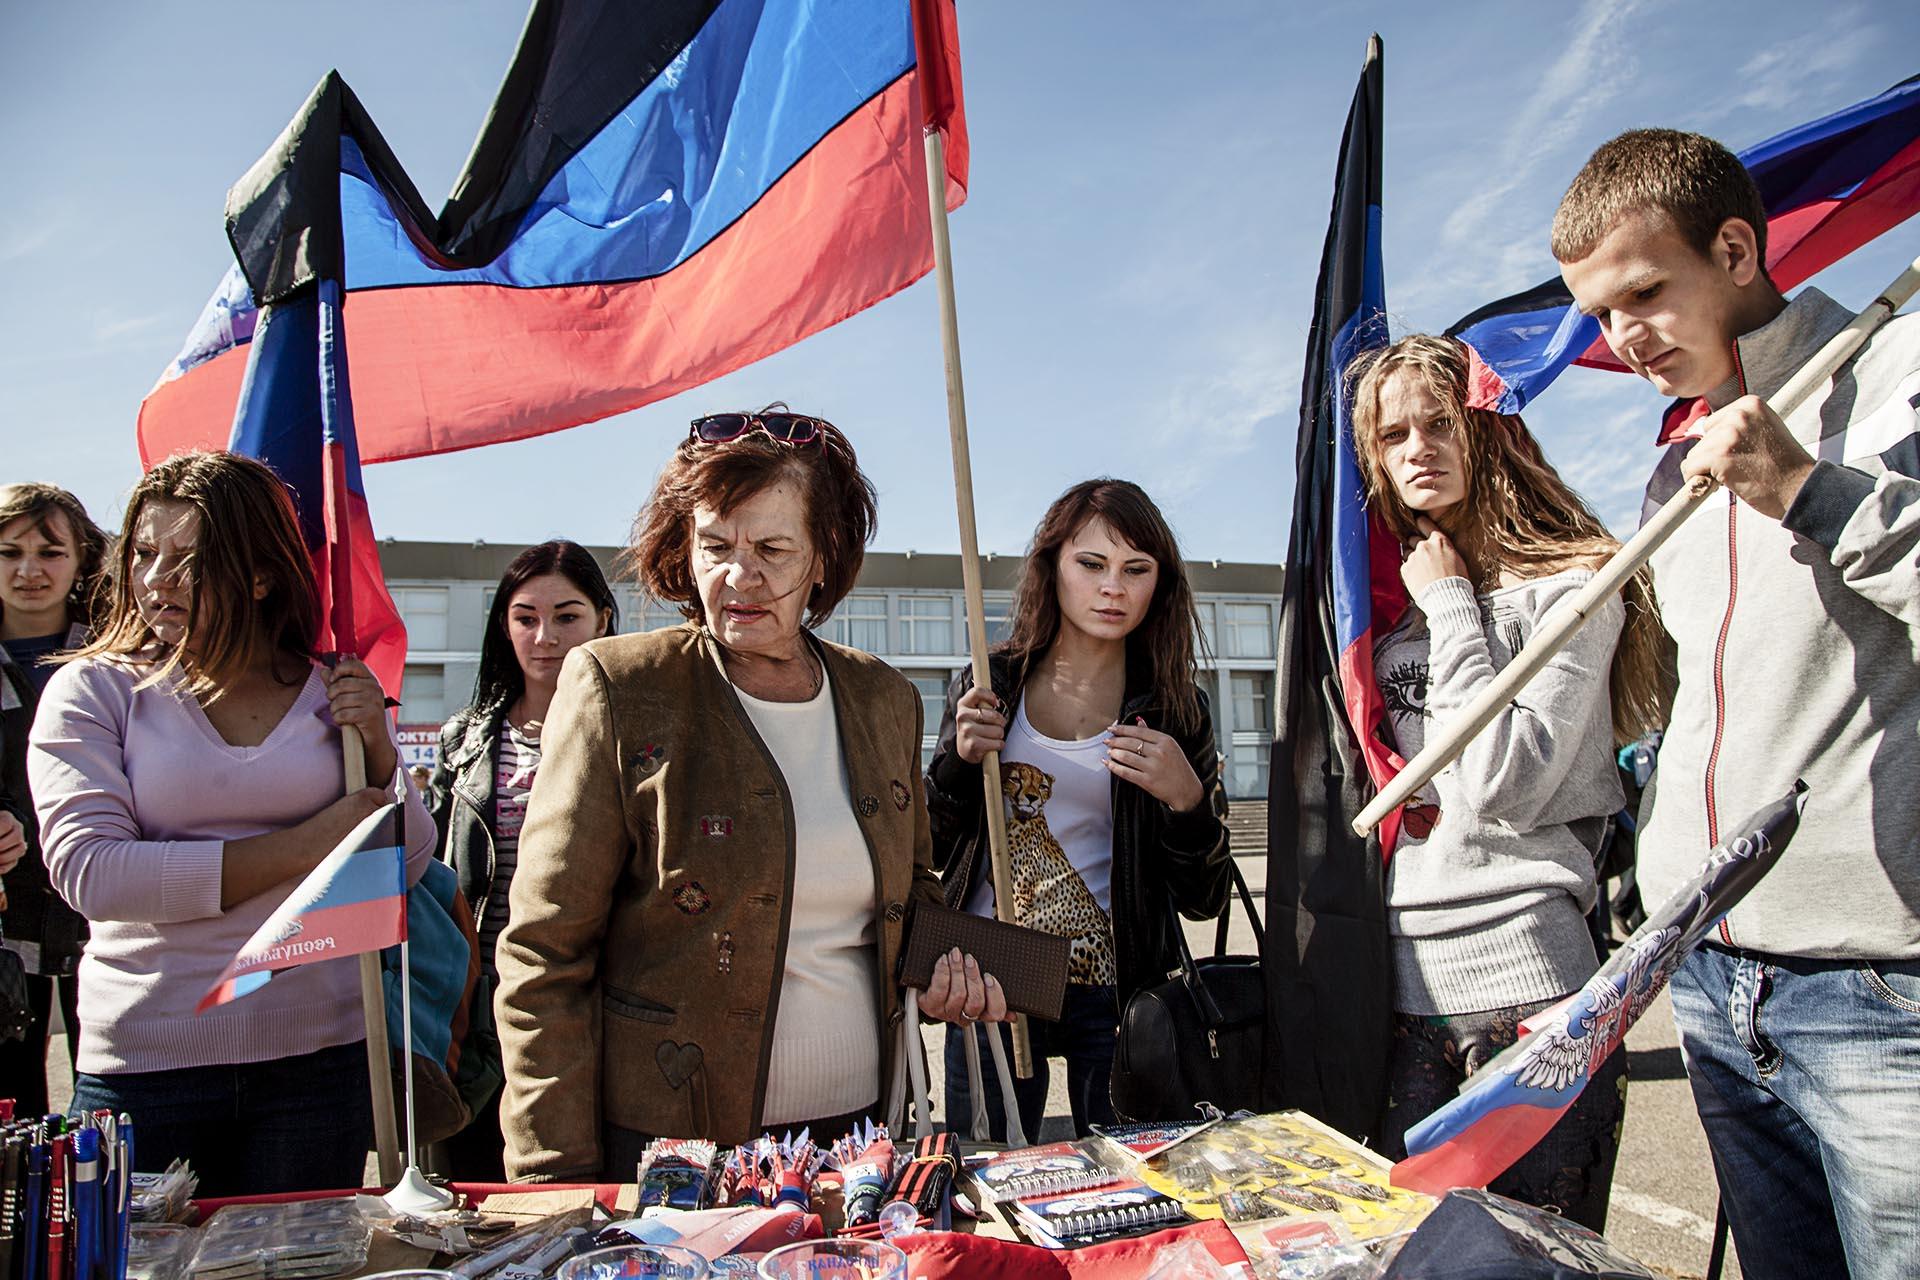 El sentimiento nacionalista es fuerte en gran parte de la población que sigue viviendo en Donetsk...